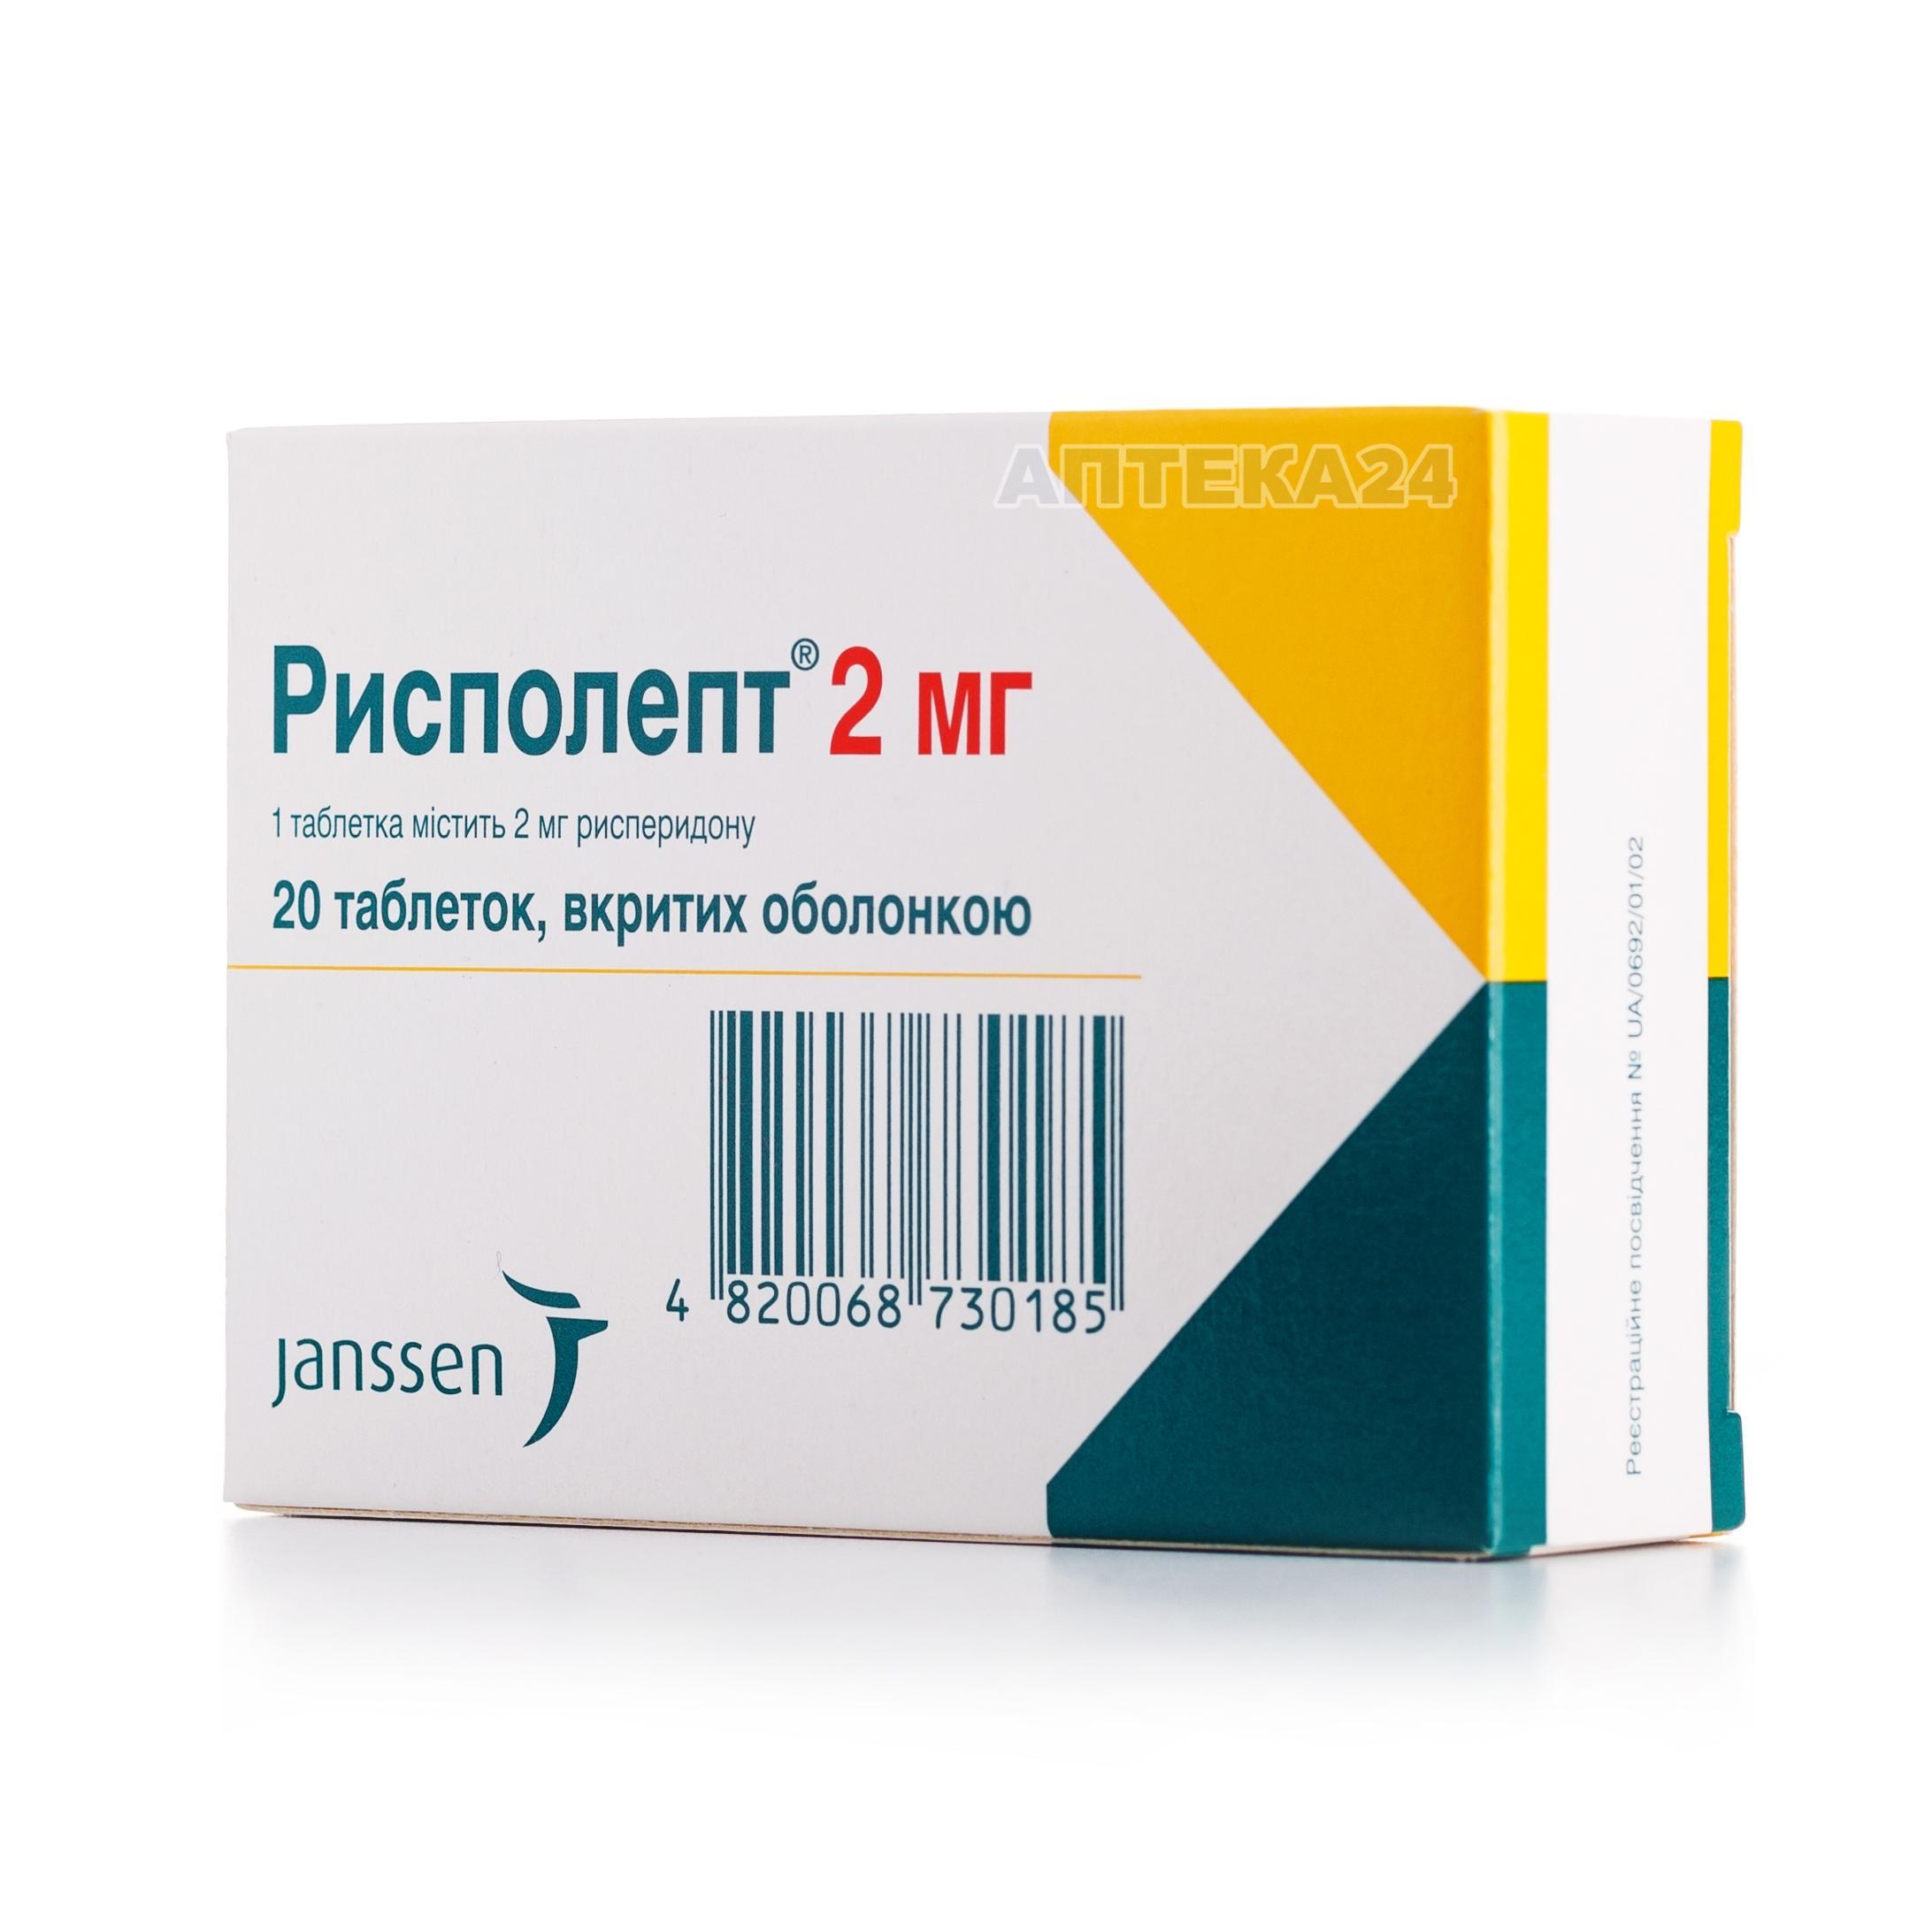 Рисполепт 2 мг N20 таблетки_6005da5a8eaea.jpeg